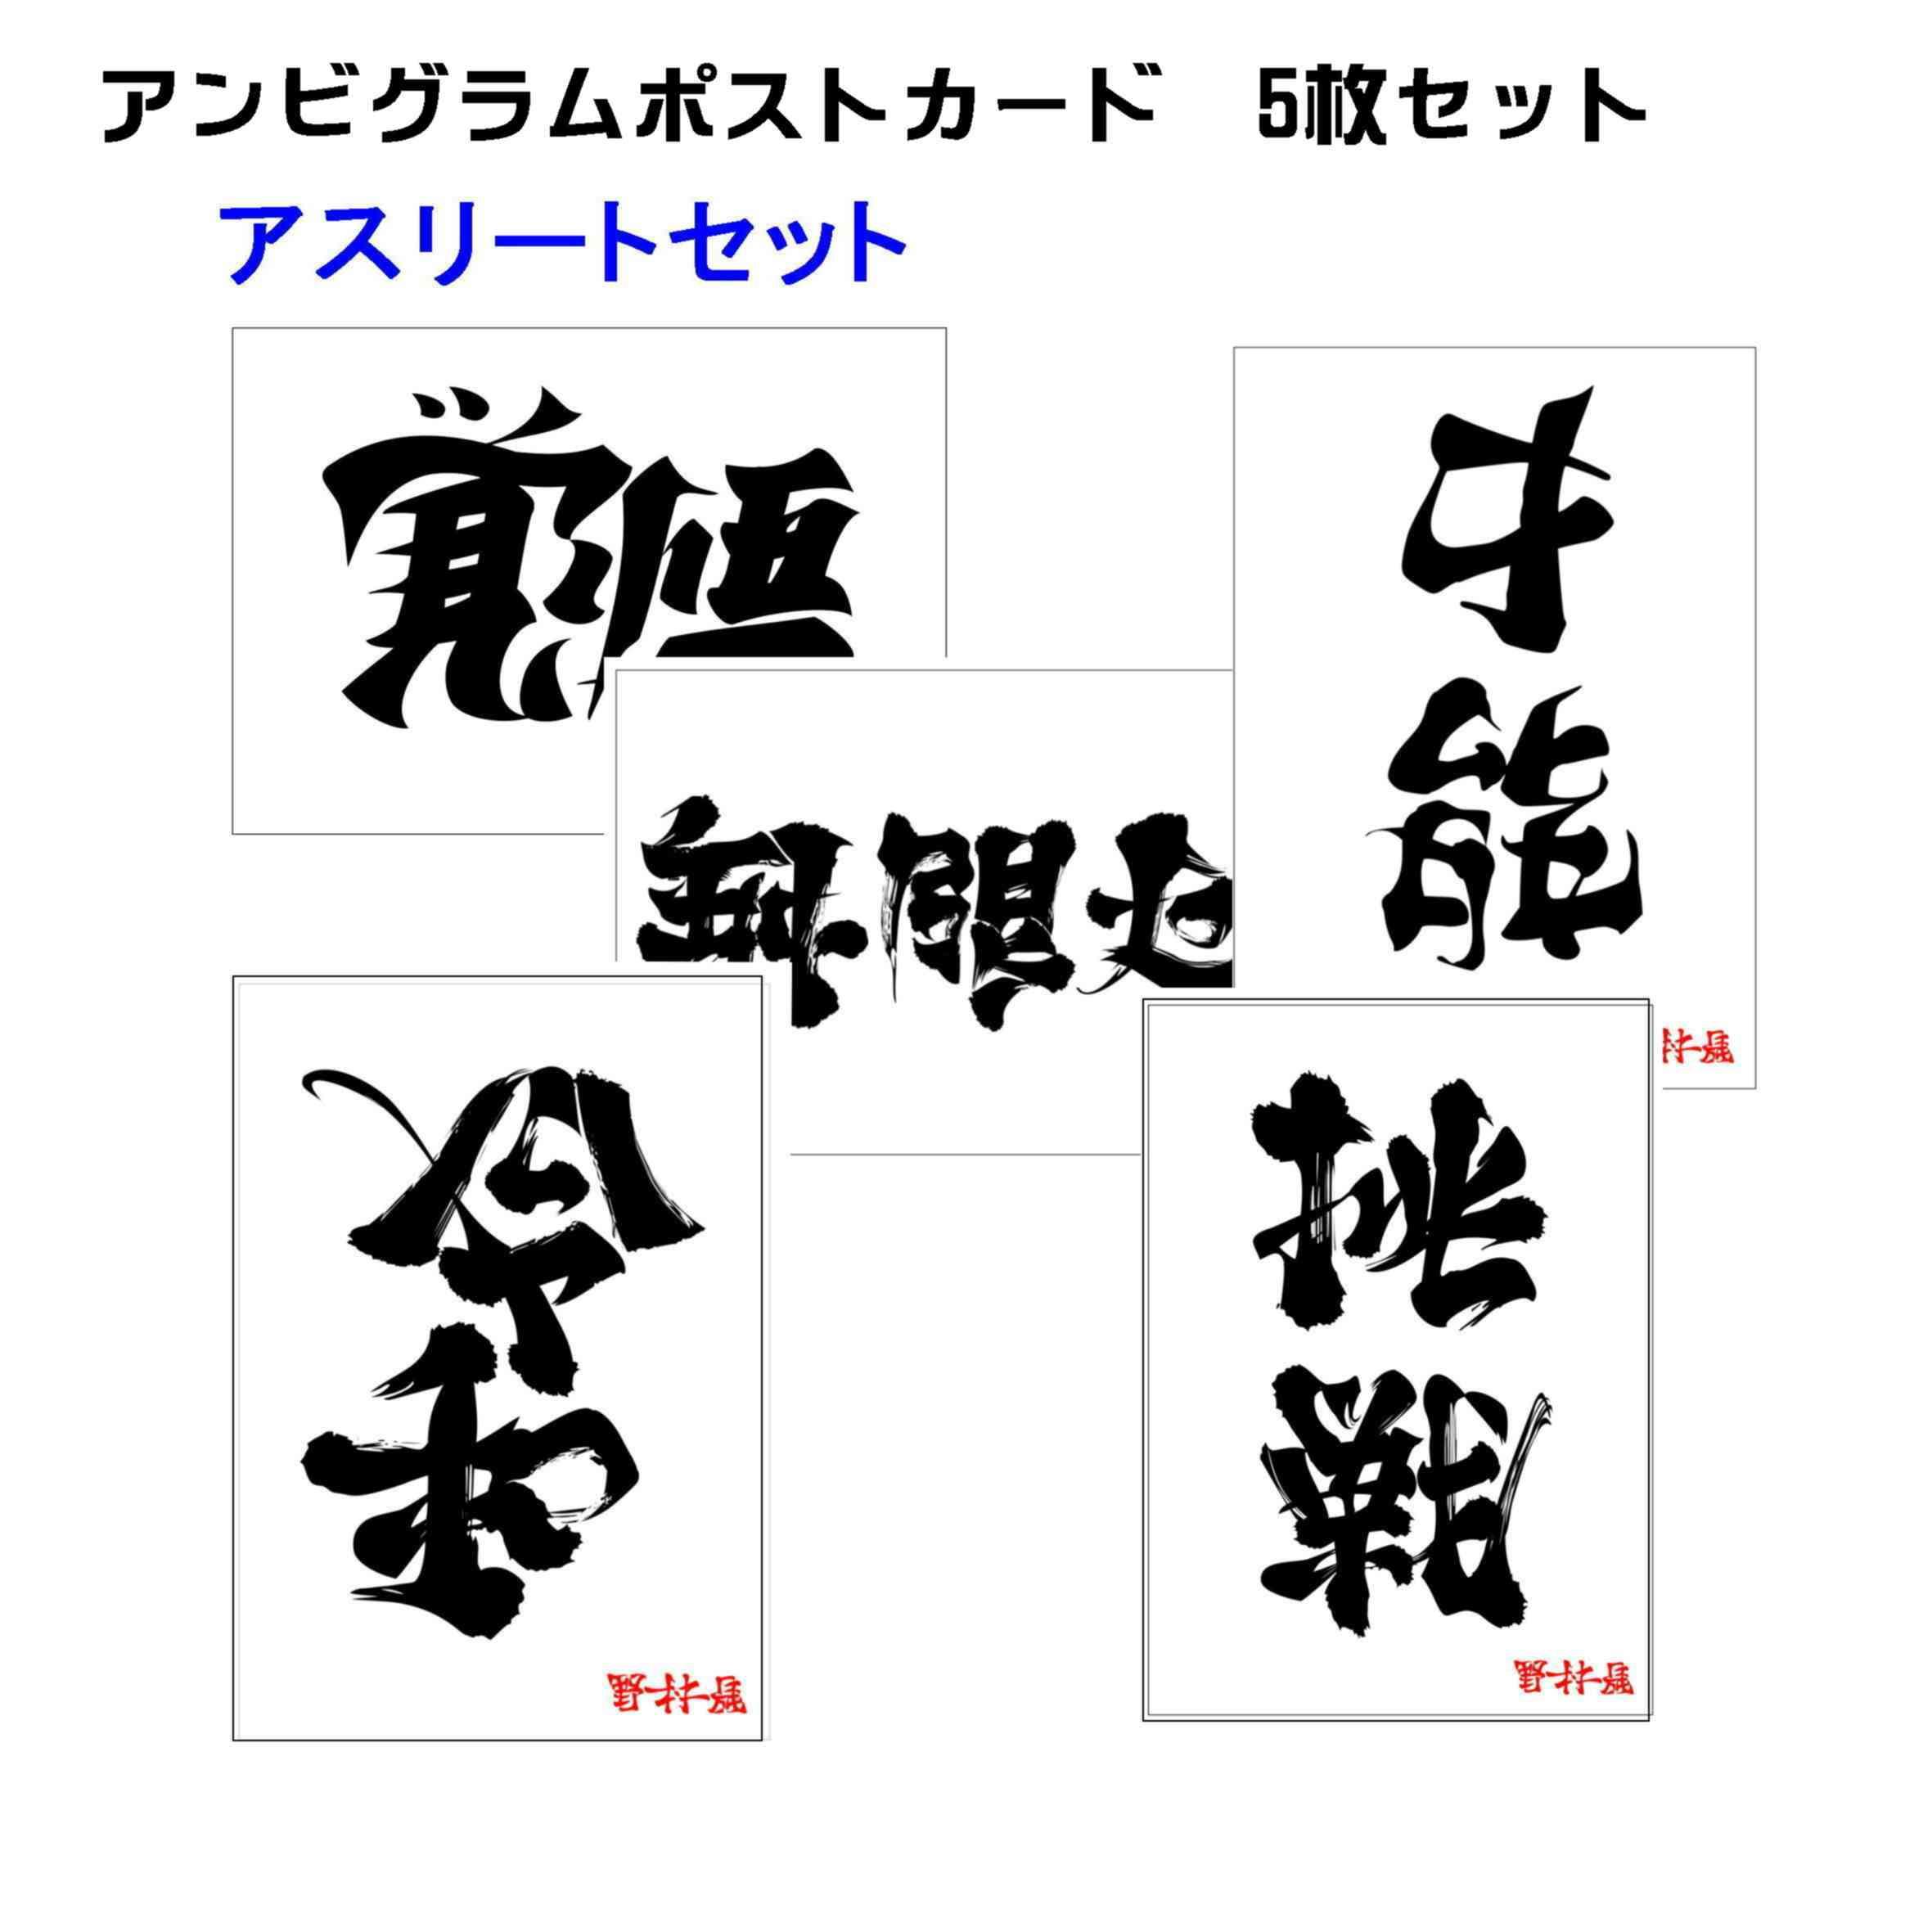 アスリートセット(ポストカードサイズ・5枚)